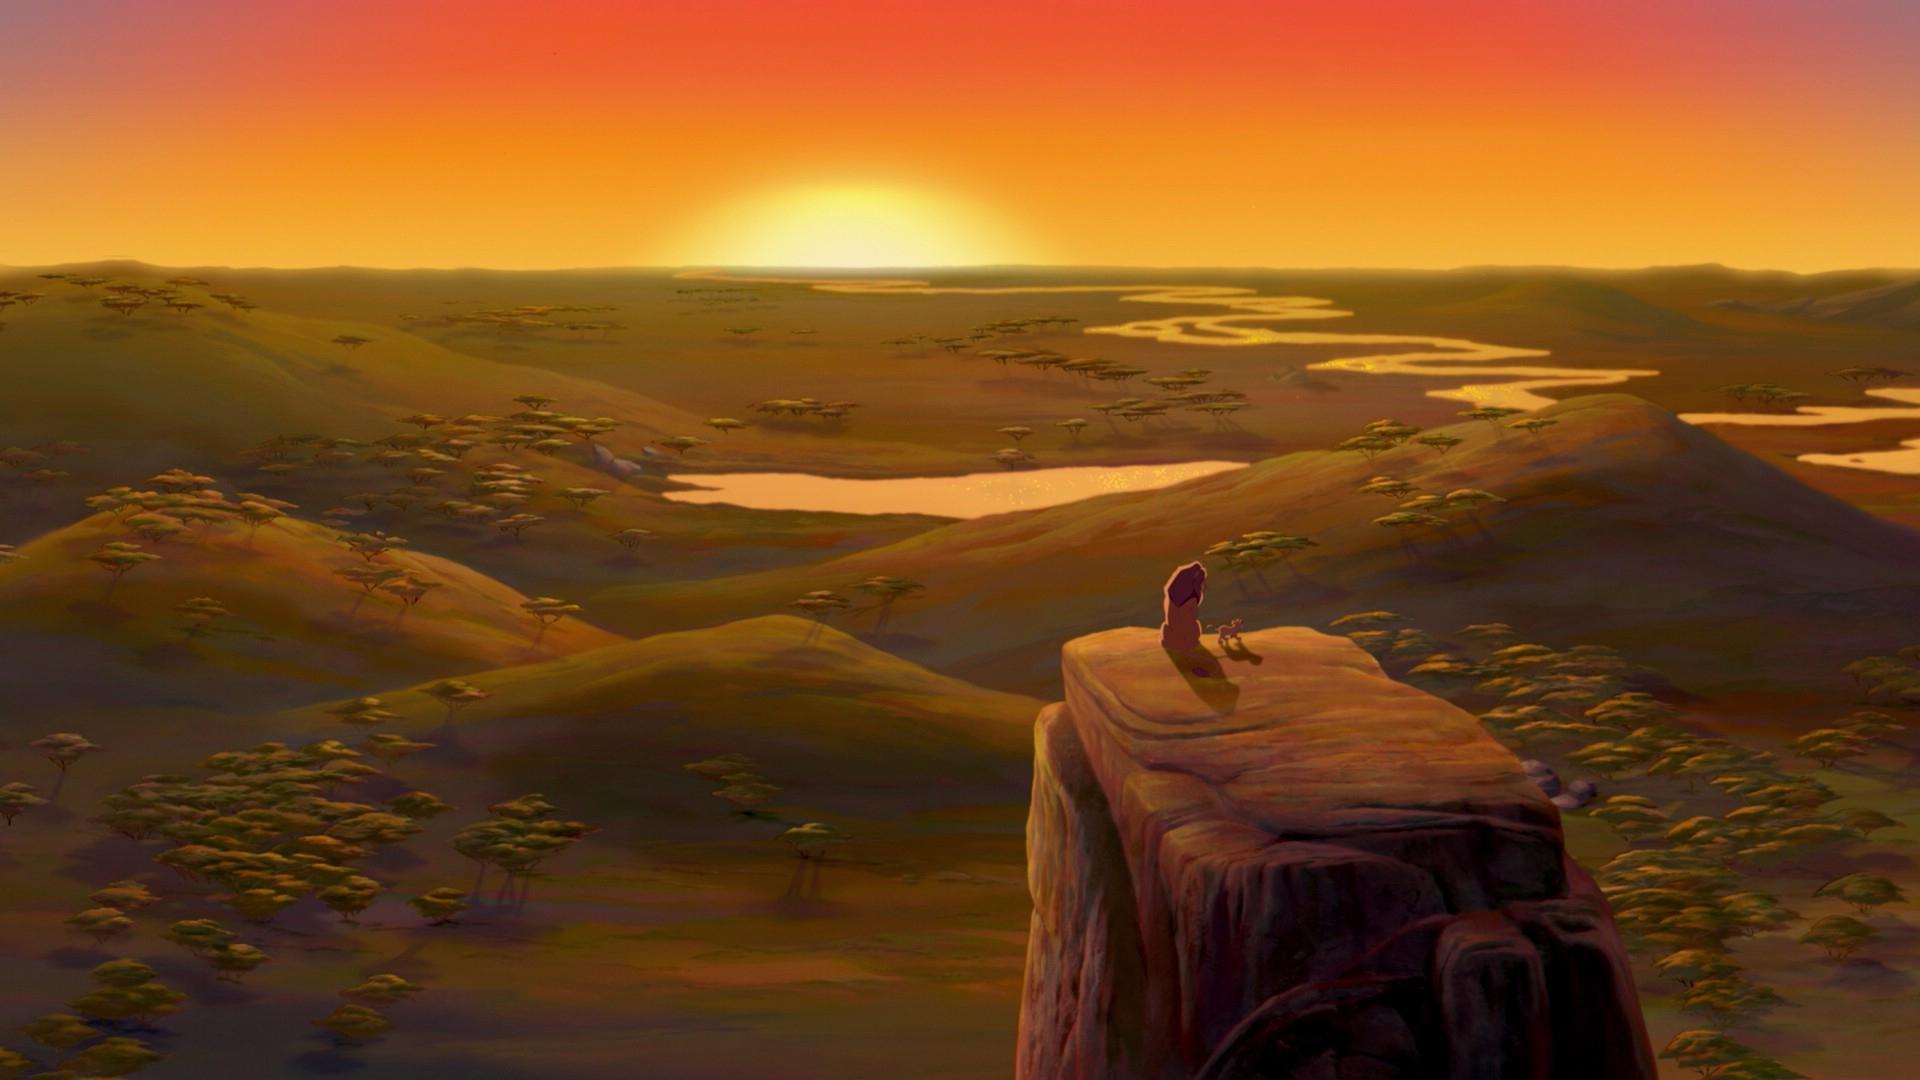 o rei le u00e3o full hd papel de parede and background image